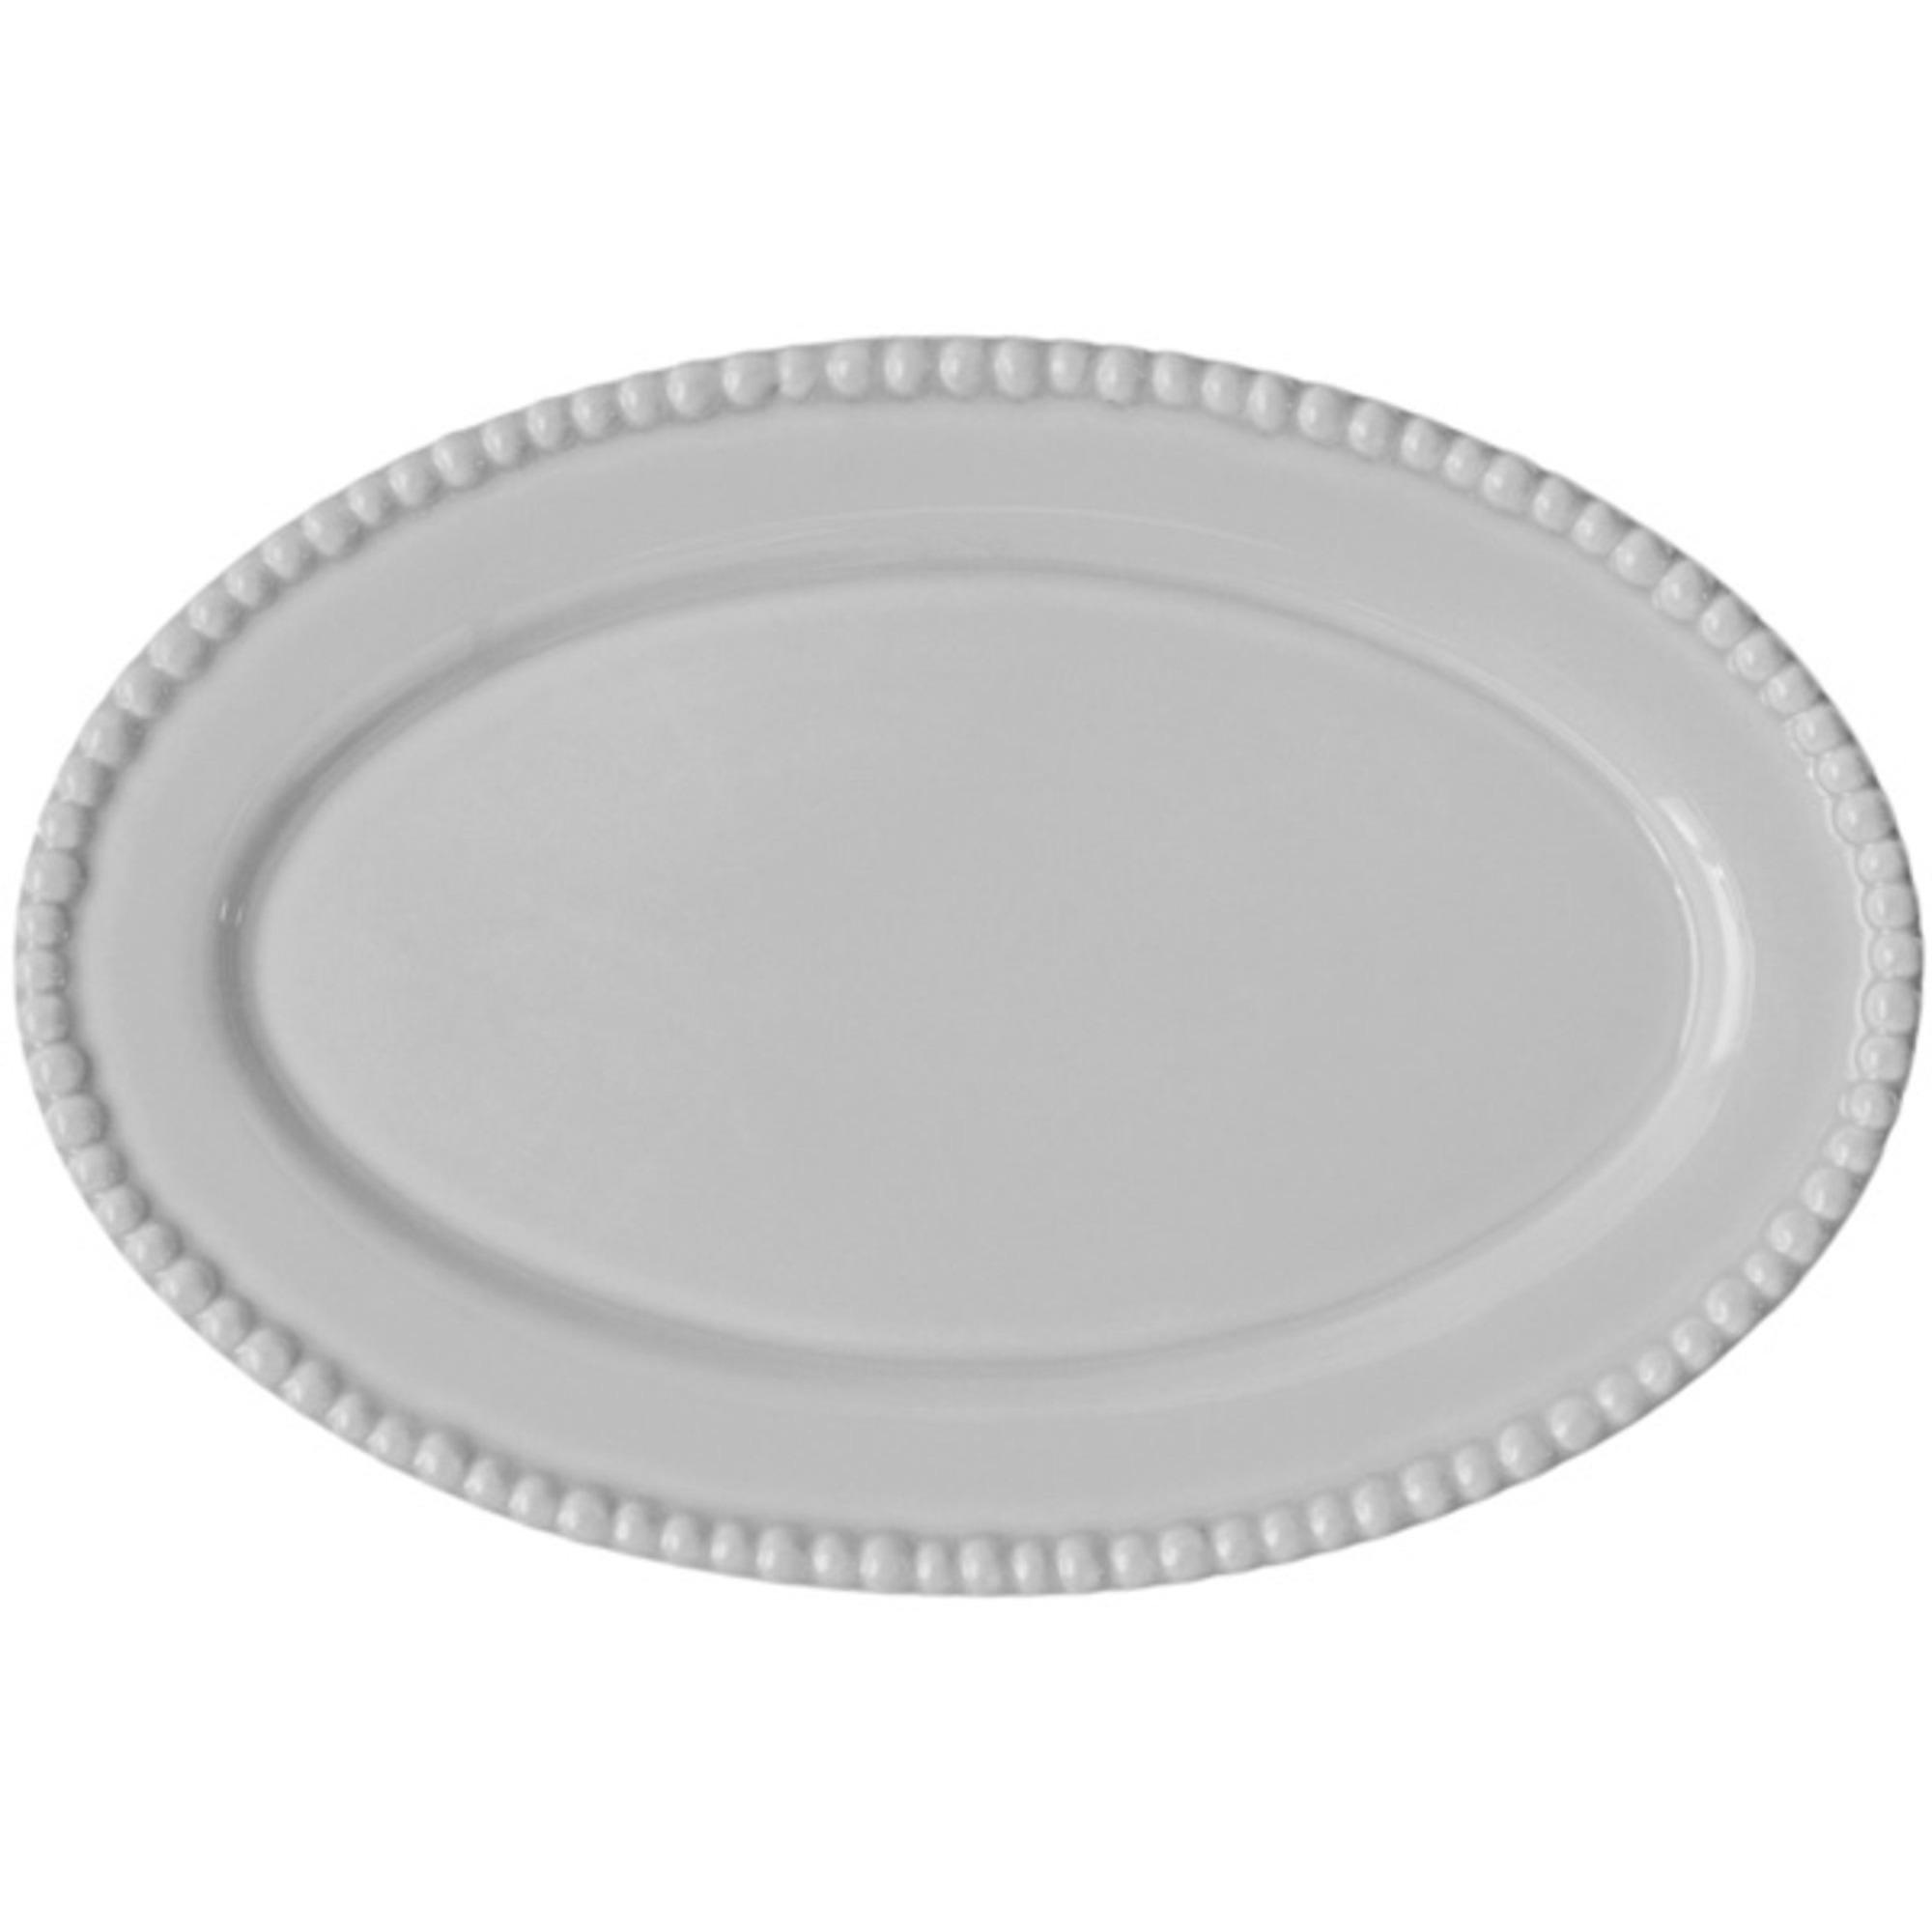 PotteryJo Ovalt Uppläggningsfat 35 cm White